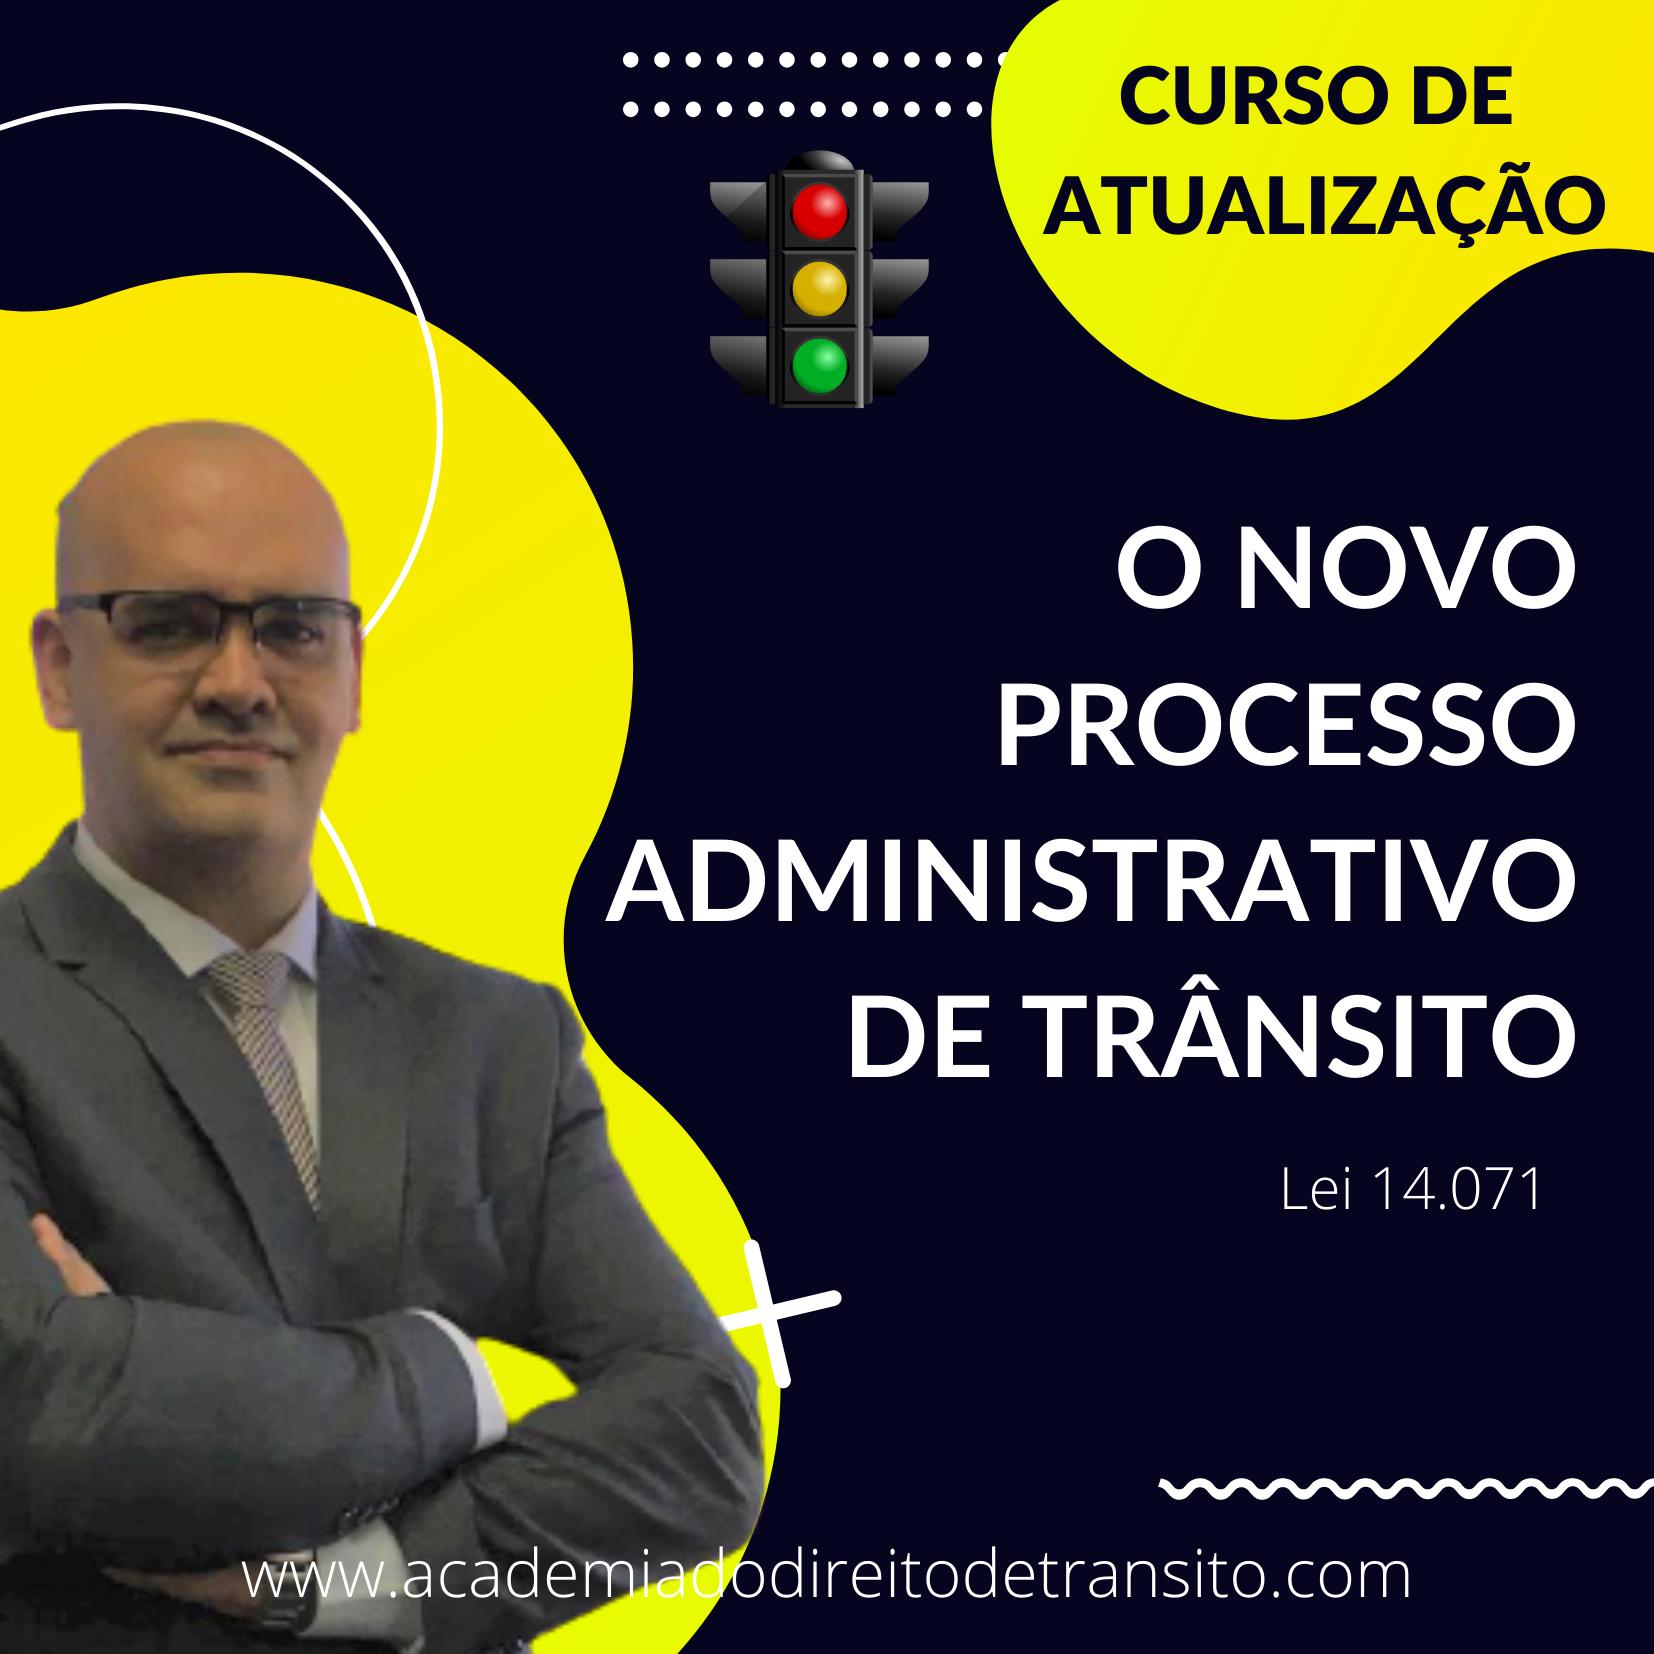 o-novo-processo-administrativo-de-transito-1